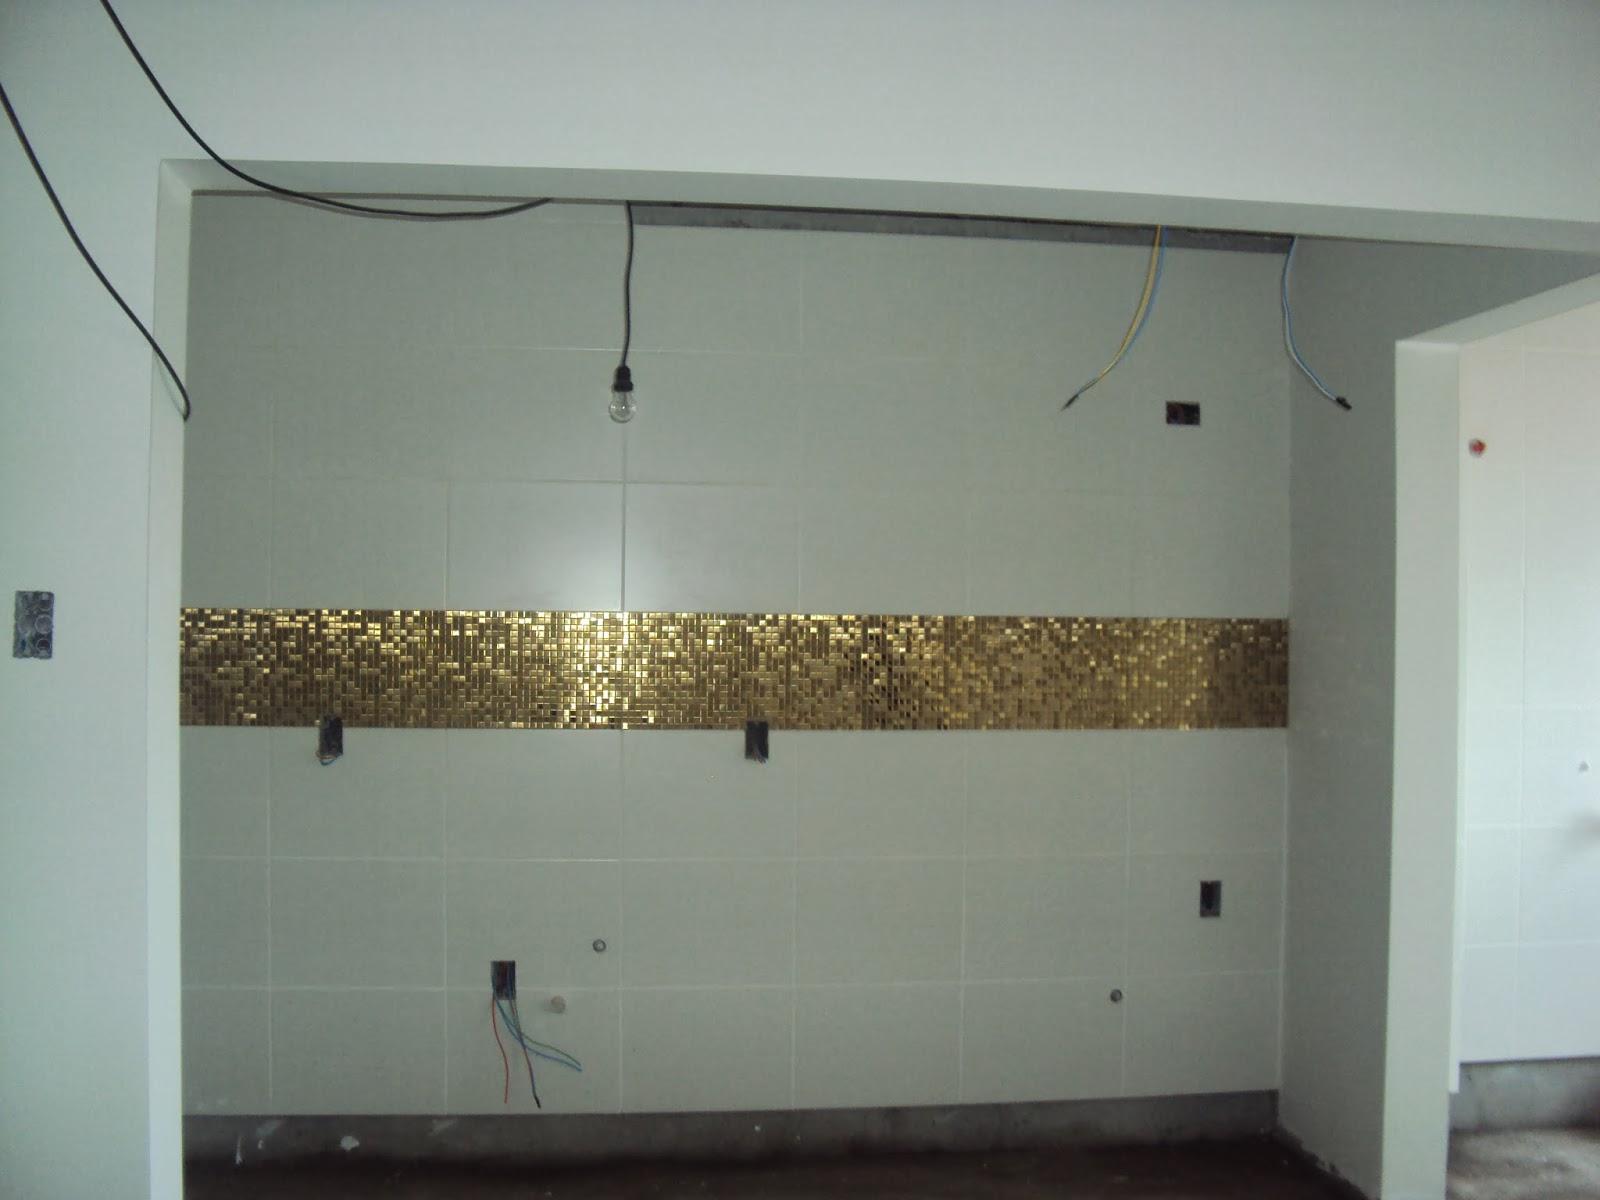 espera do meu primeiro apê: Revestimentos sendo colocados =) #5D4F34 1600x1200 Banheiro Com Pastilhas Douradas